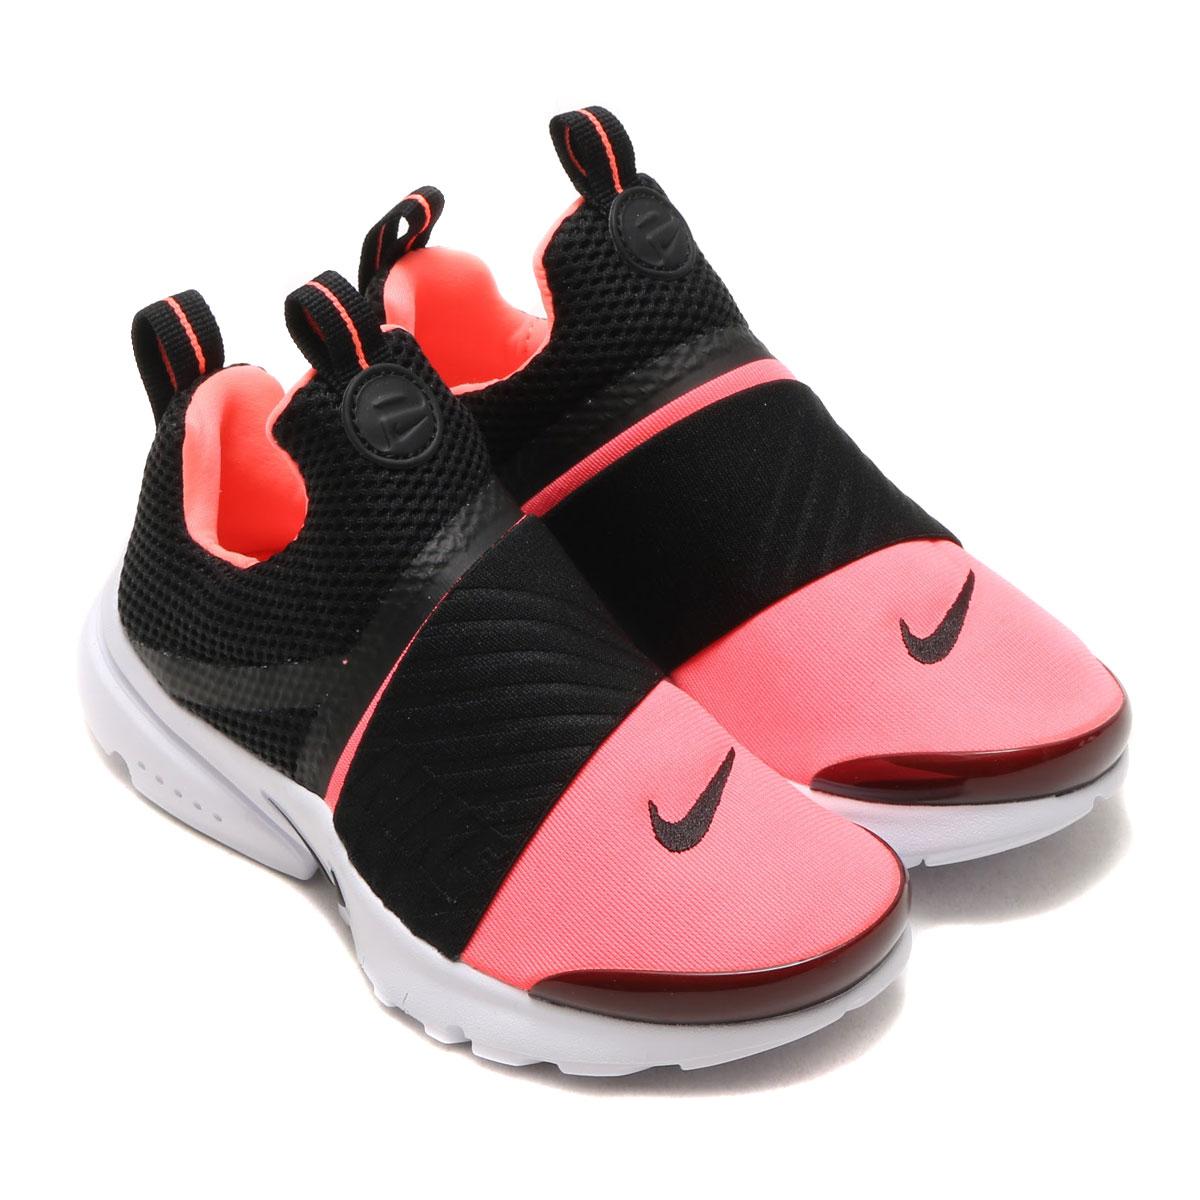 144f9a137223 atmos pink  NIKE PRESTO EXTREME PS (Nike presto extreme PS) BLACK ...